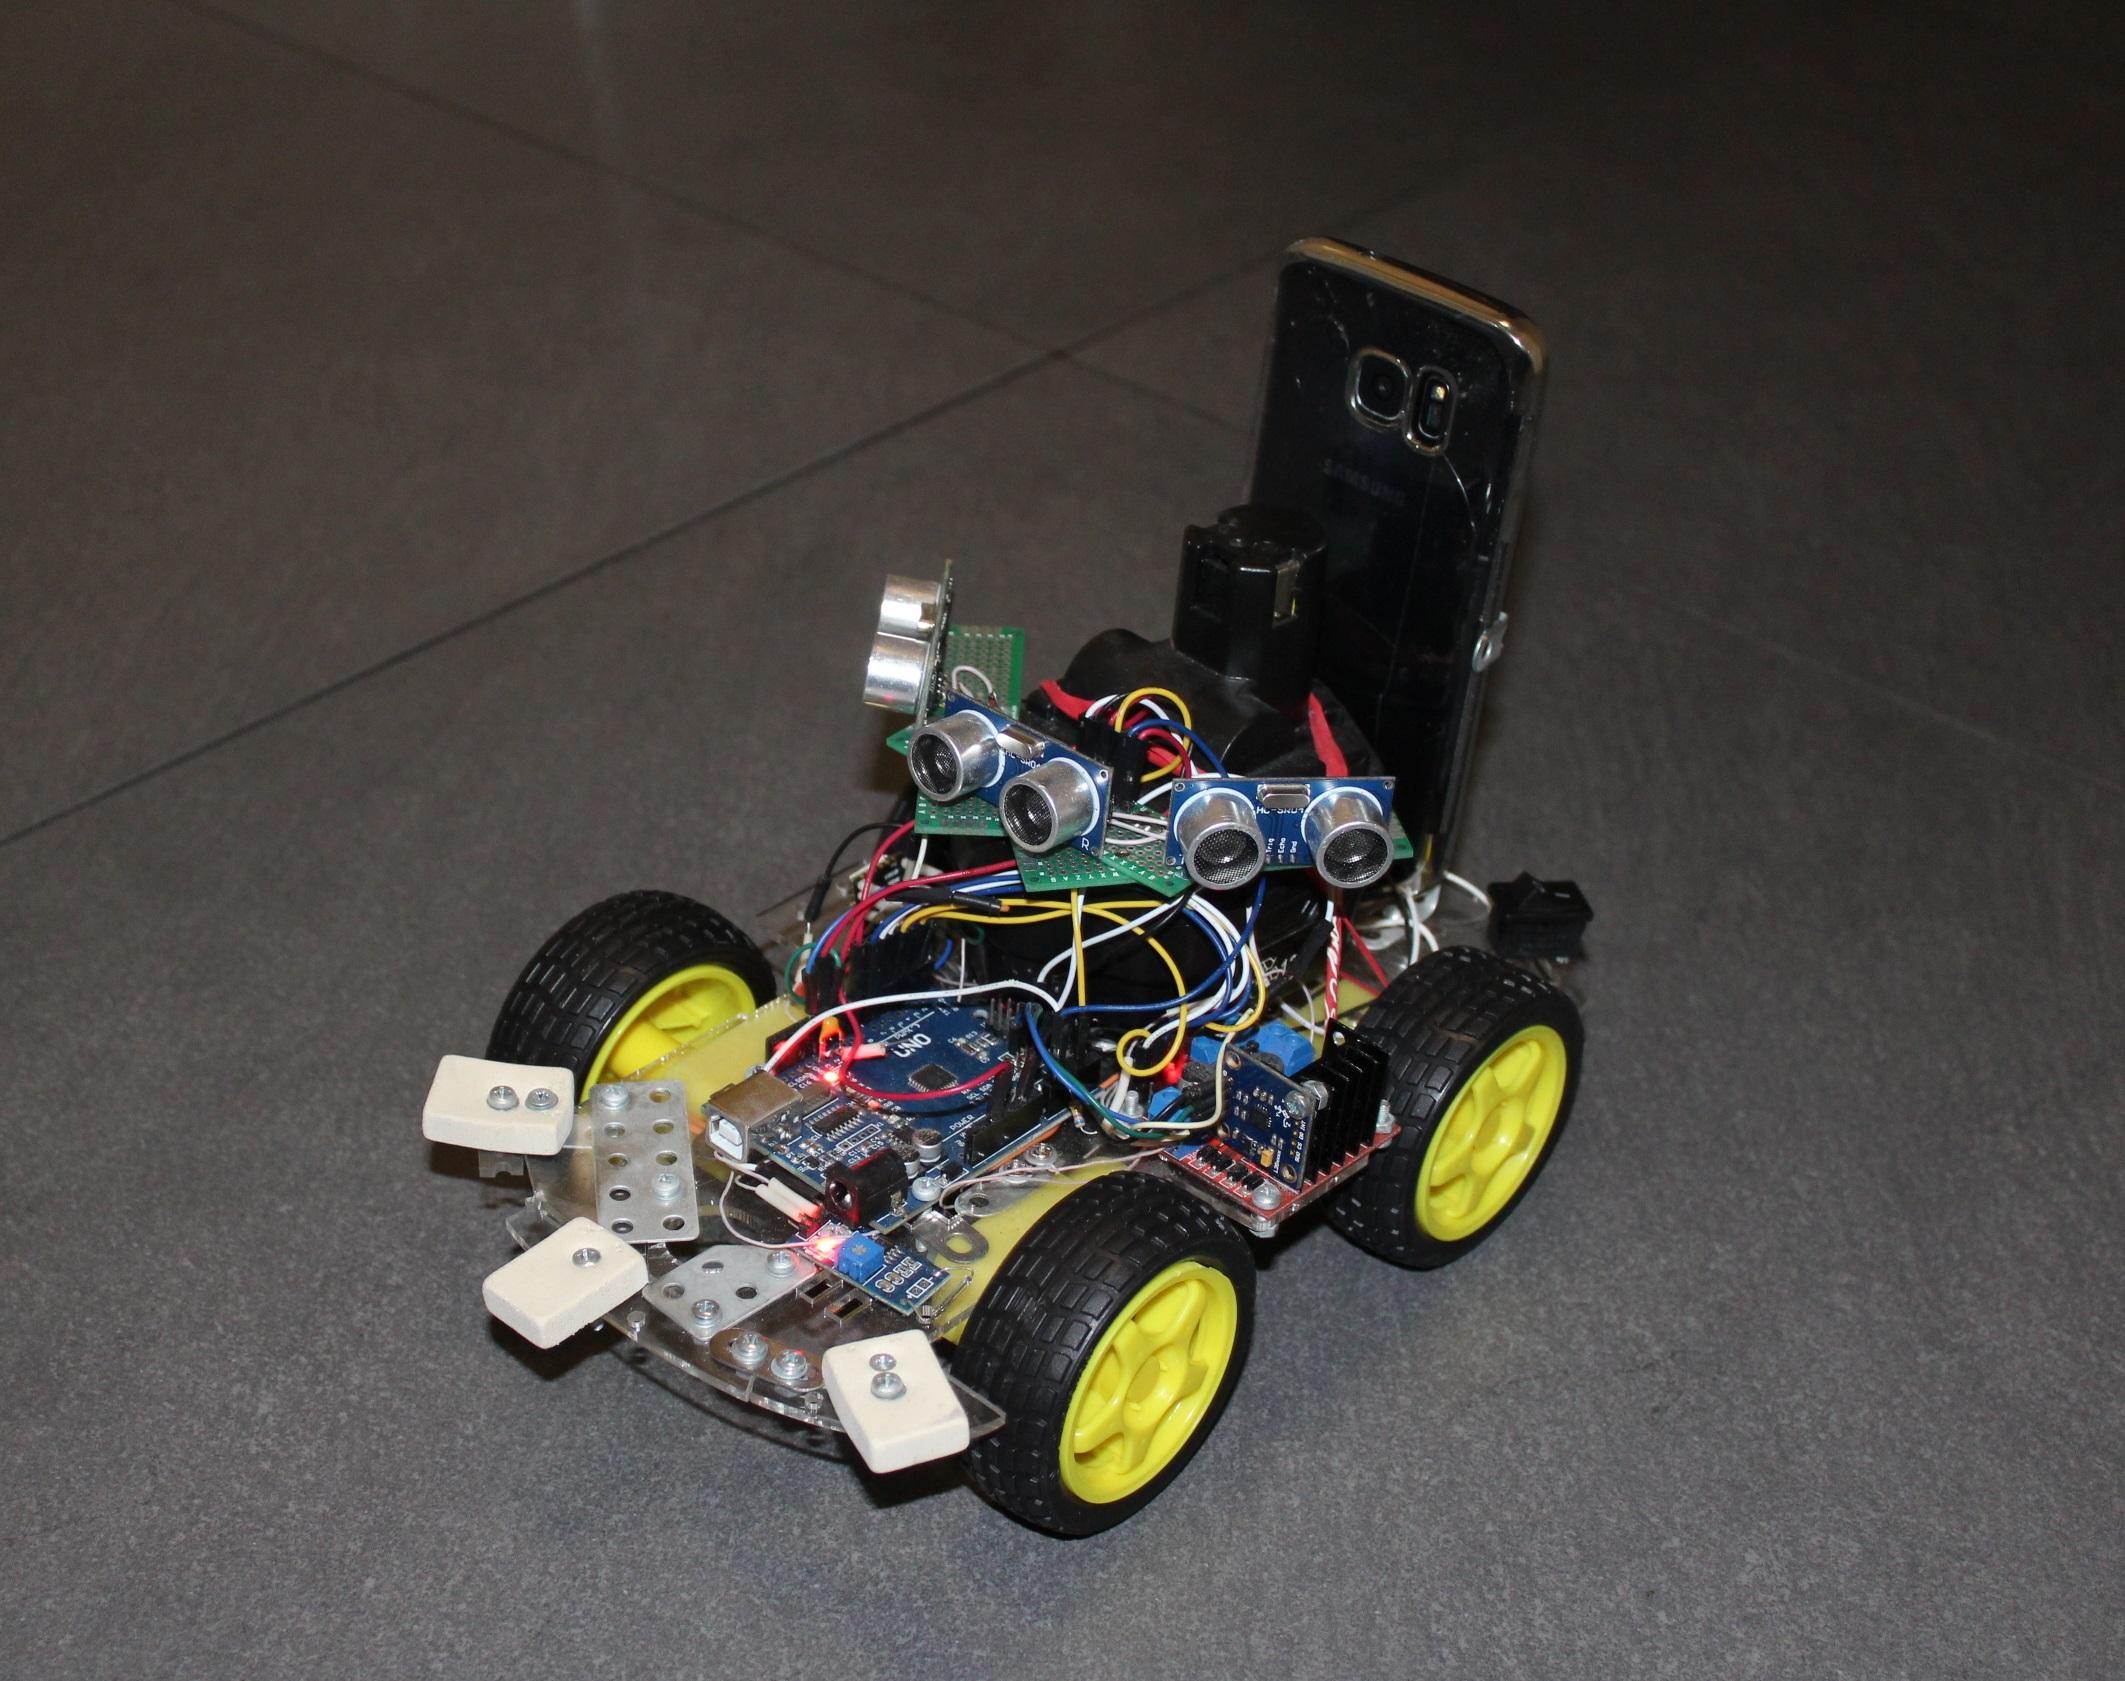 Эволюция или делаем базу для роботележки на ARDUINO платформе, а сенсоры и видео гоним на компьютер через смартфон